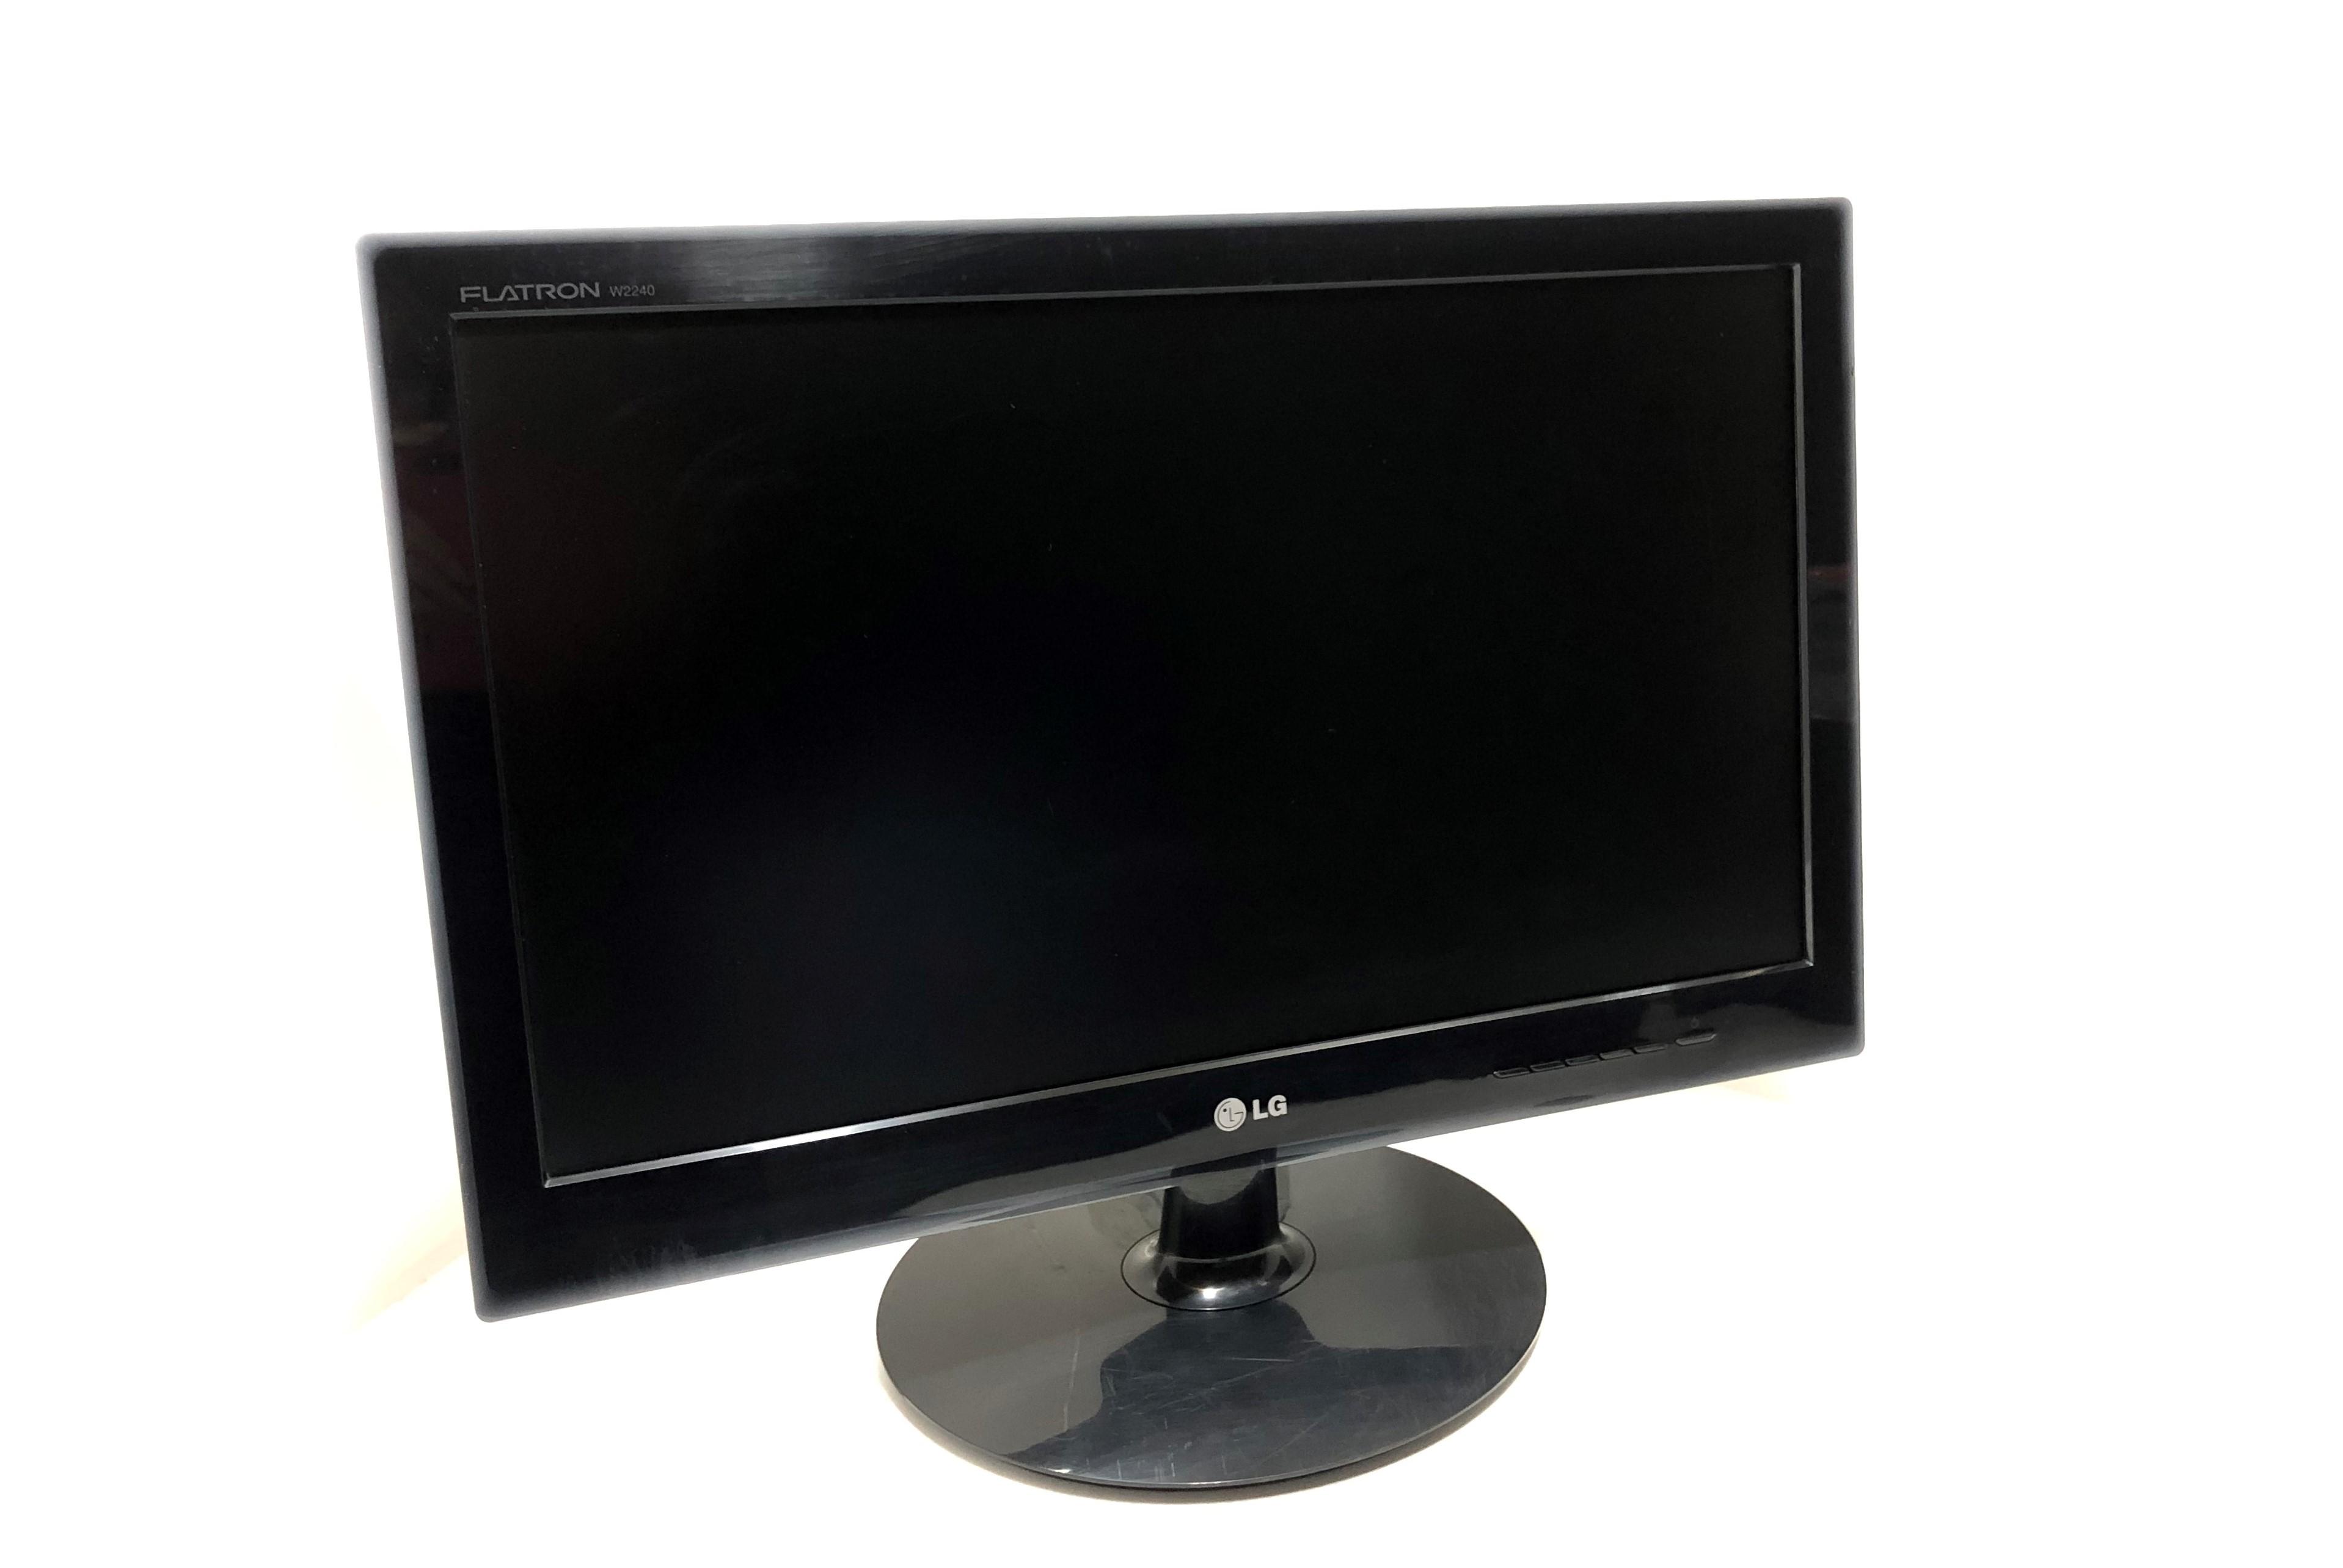 LG-W2240s